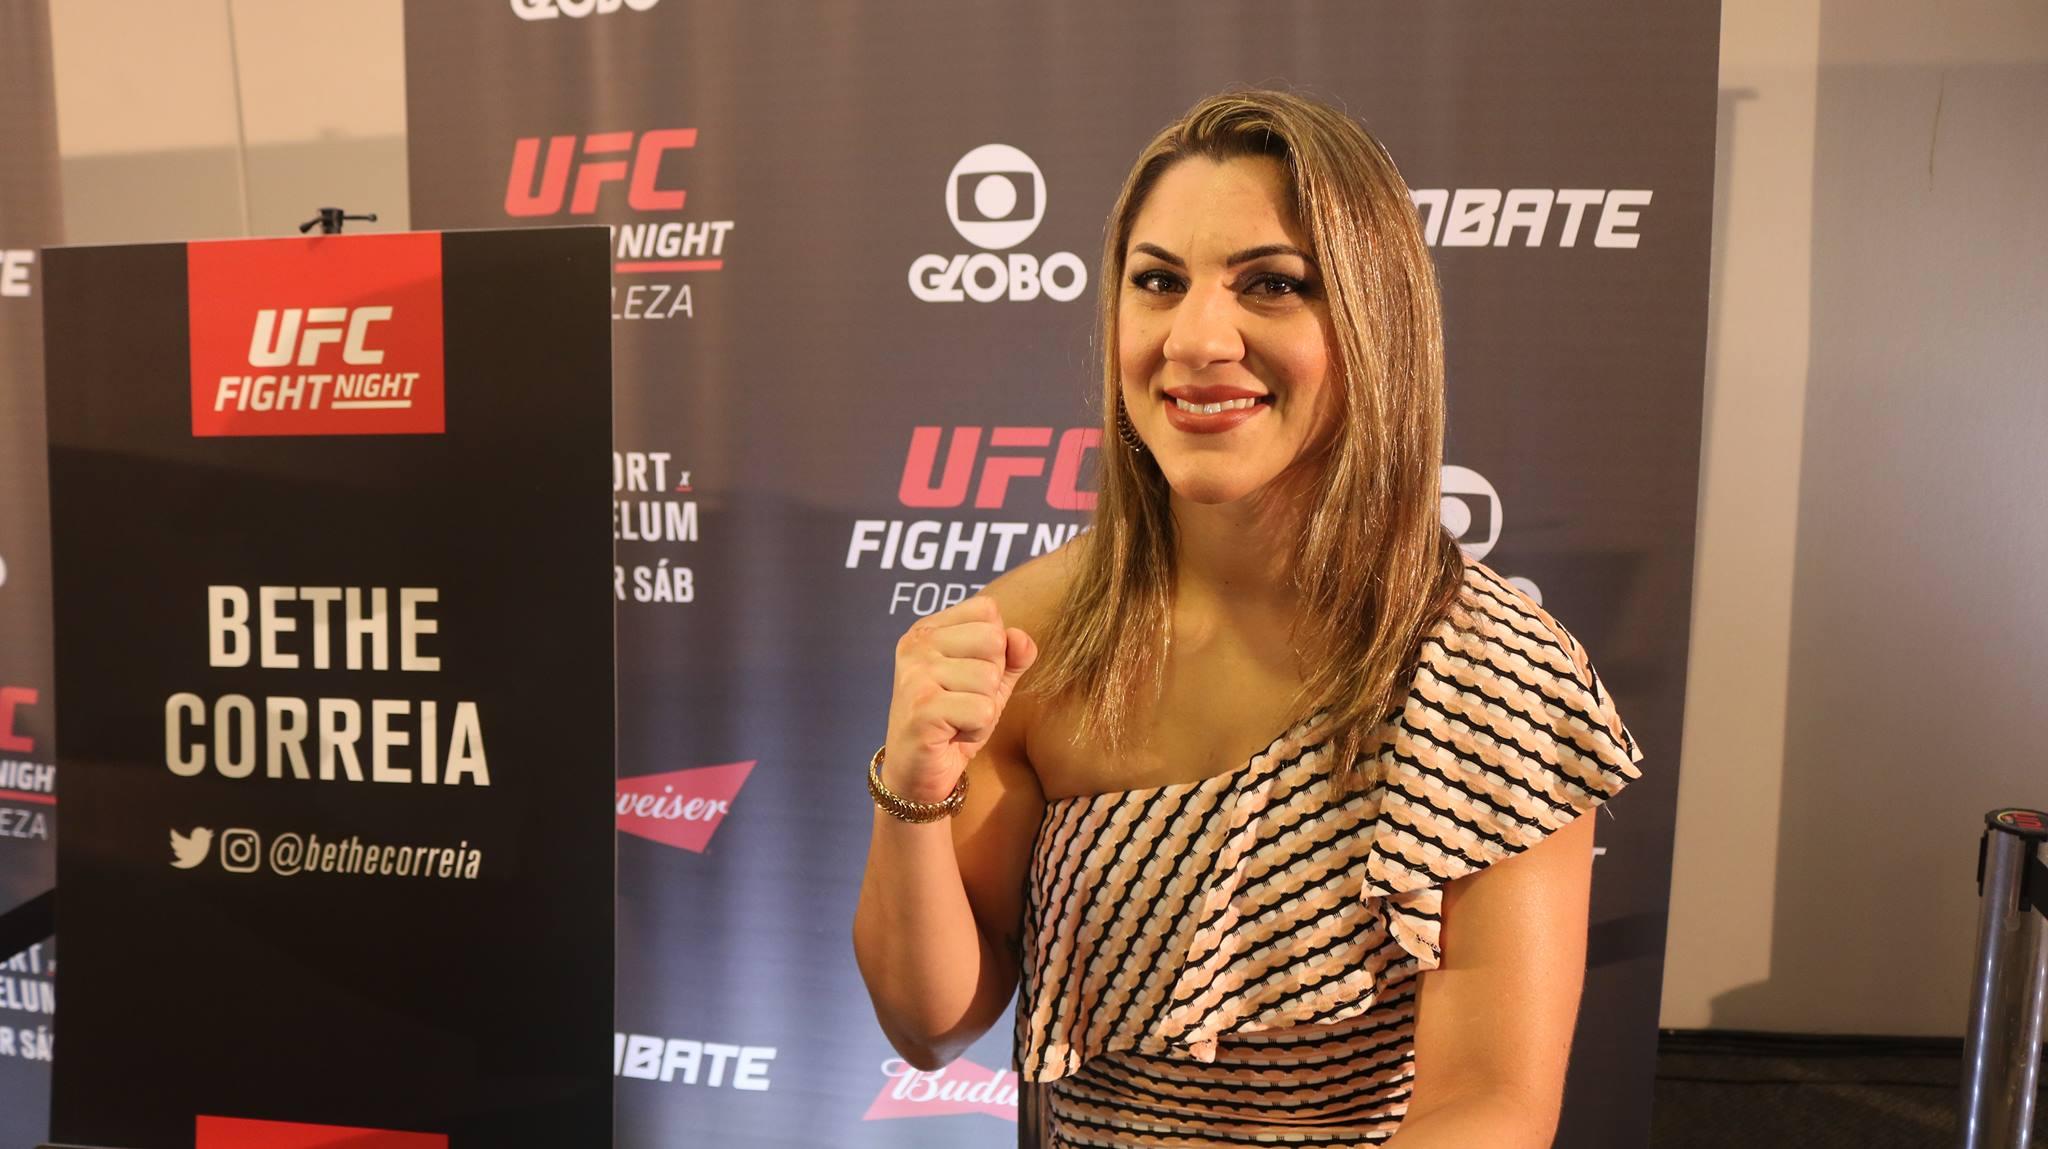 Lesão no olho, adia retorno Bethe (foto) ao UFC (FOTO: Laerte Viana/Super Lutas)